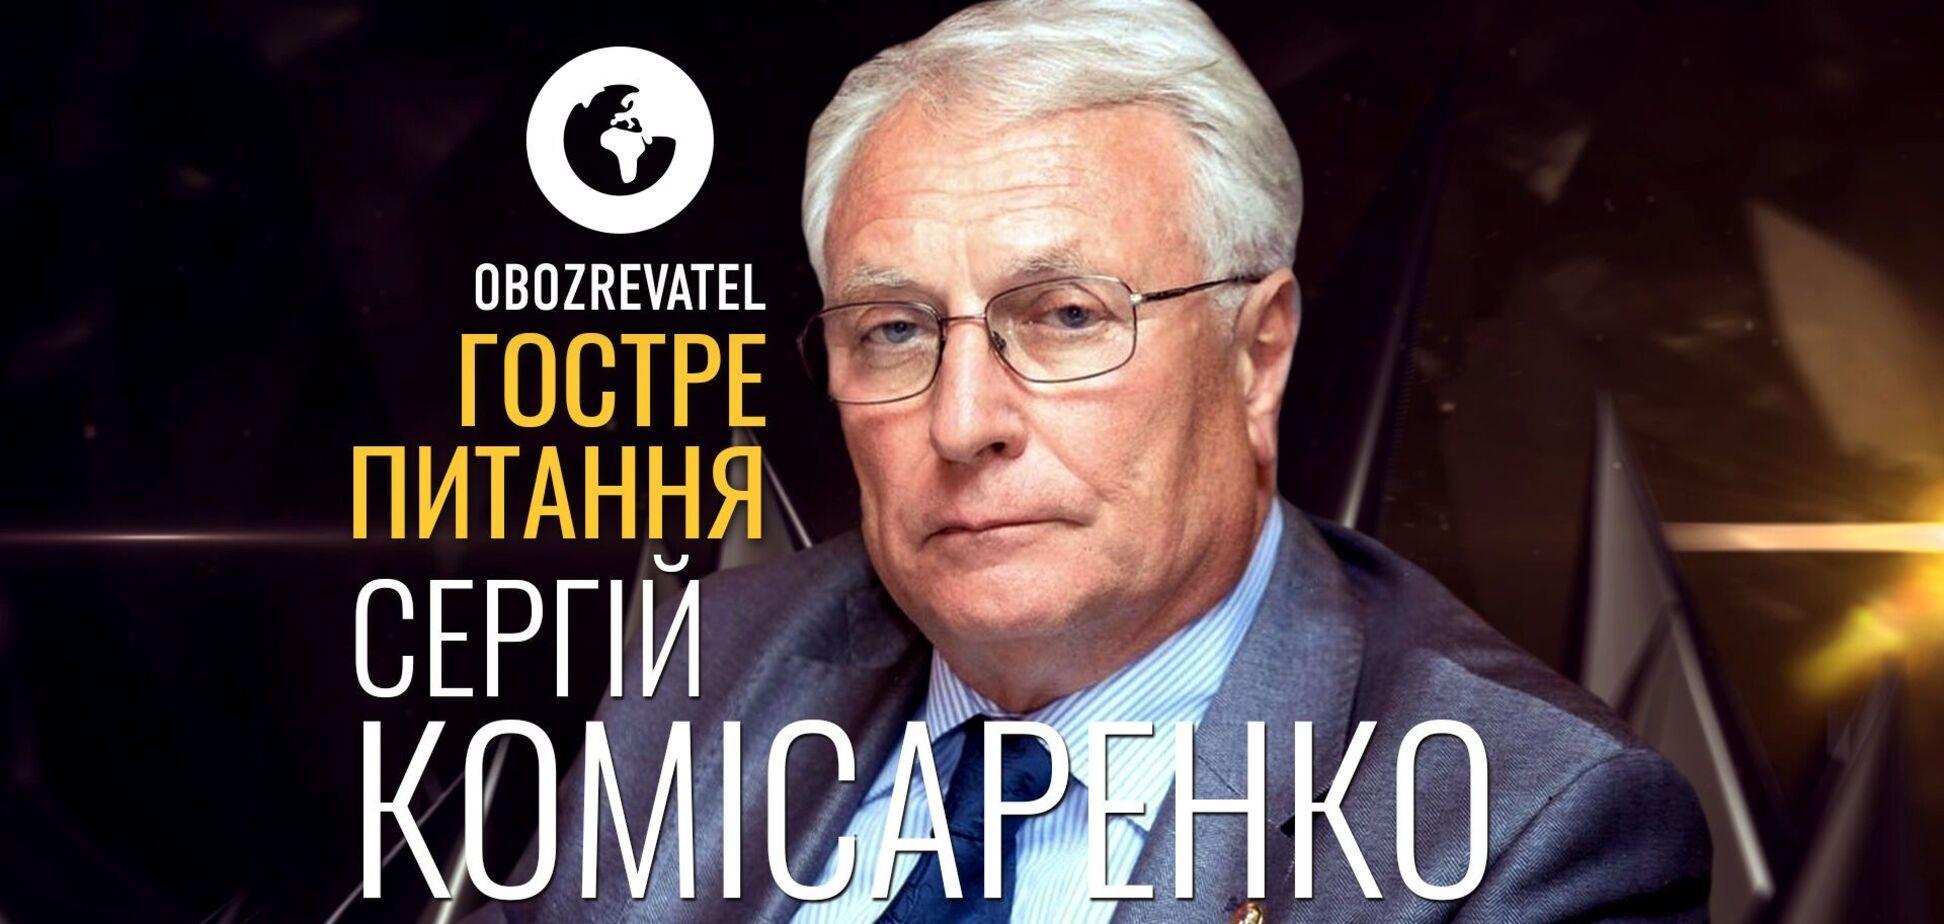 Сергій Комісаренко | Гостре питання